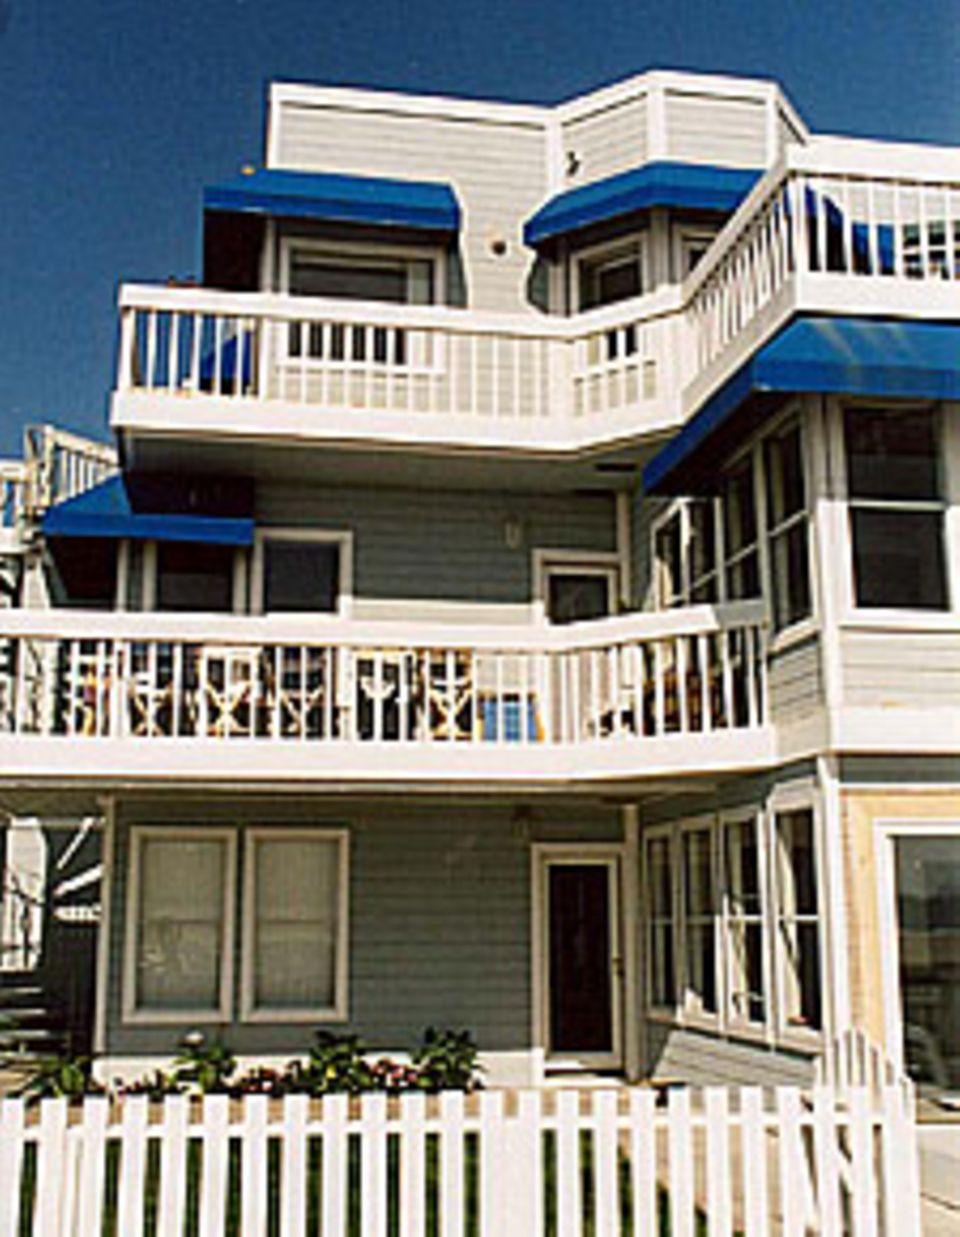 Fans können sich bestimmt noch gut an das schöne Strandhaus von Donna Martin und Jennie Garth erinnern.